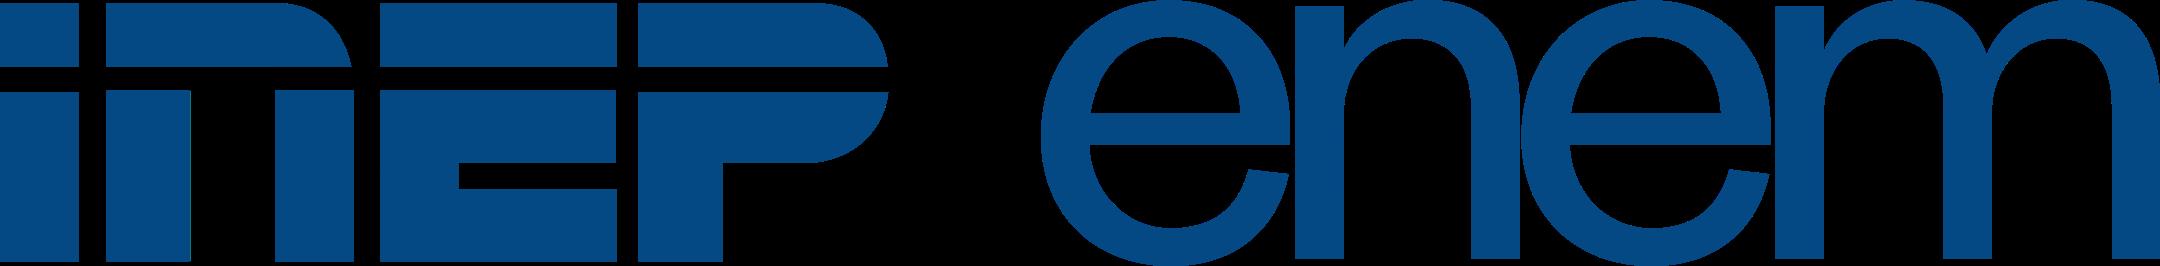 enem logo 1 1 - Enem Logo - Exame Nacional do Ensino Médio